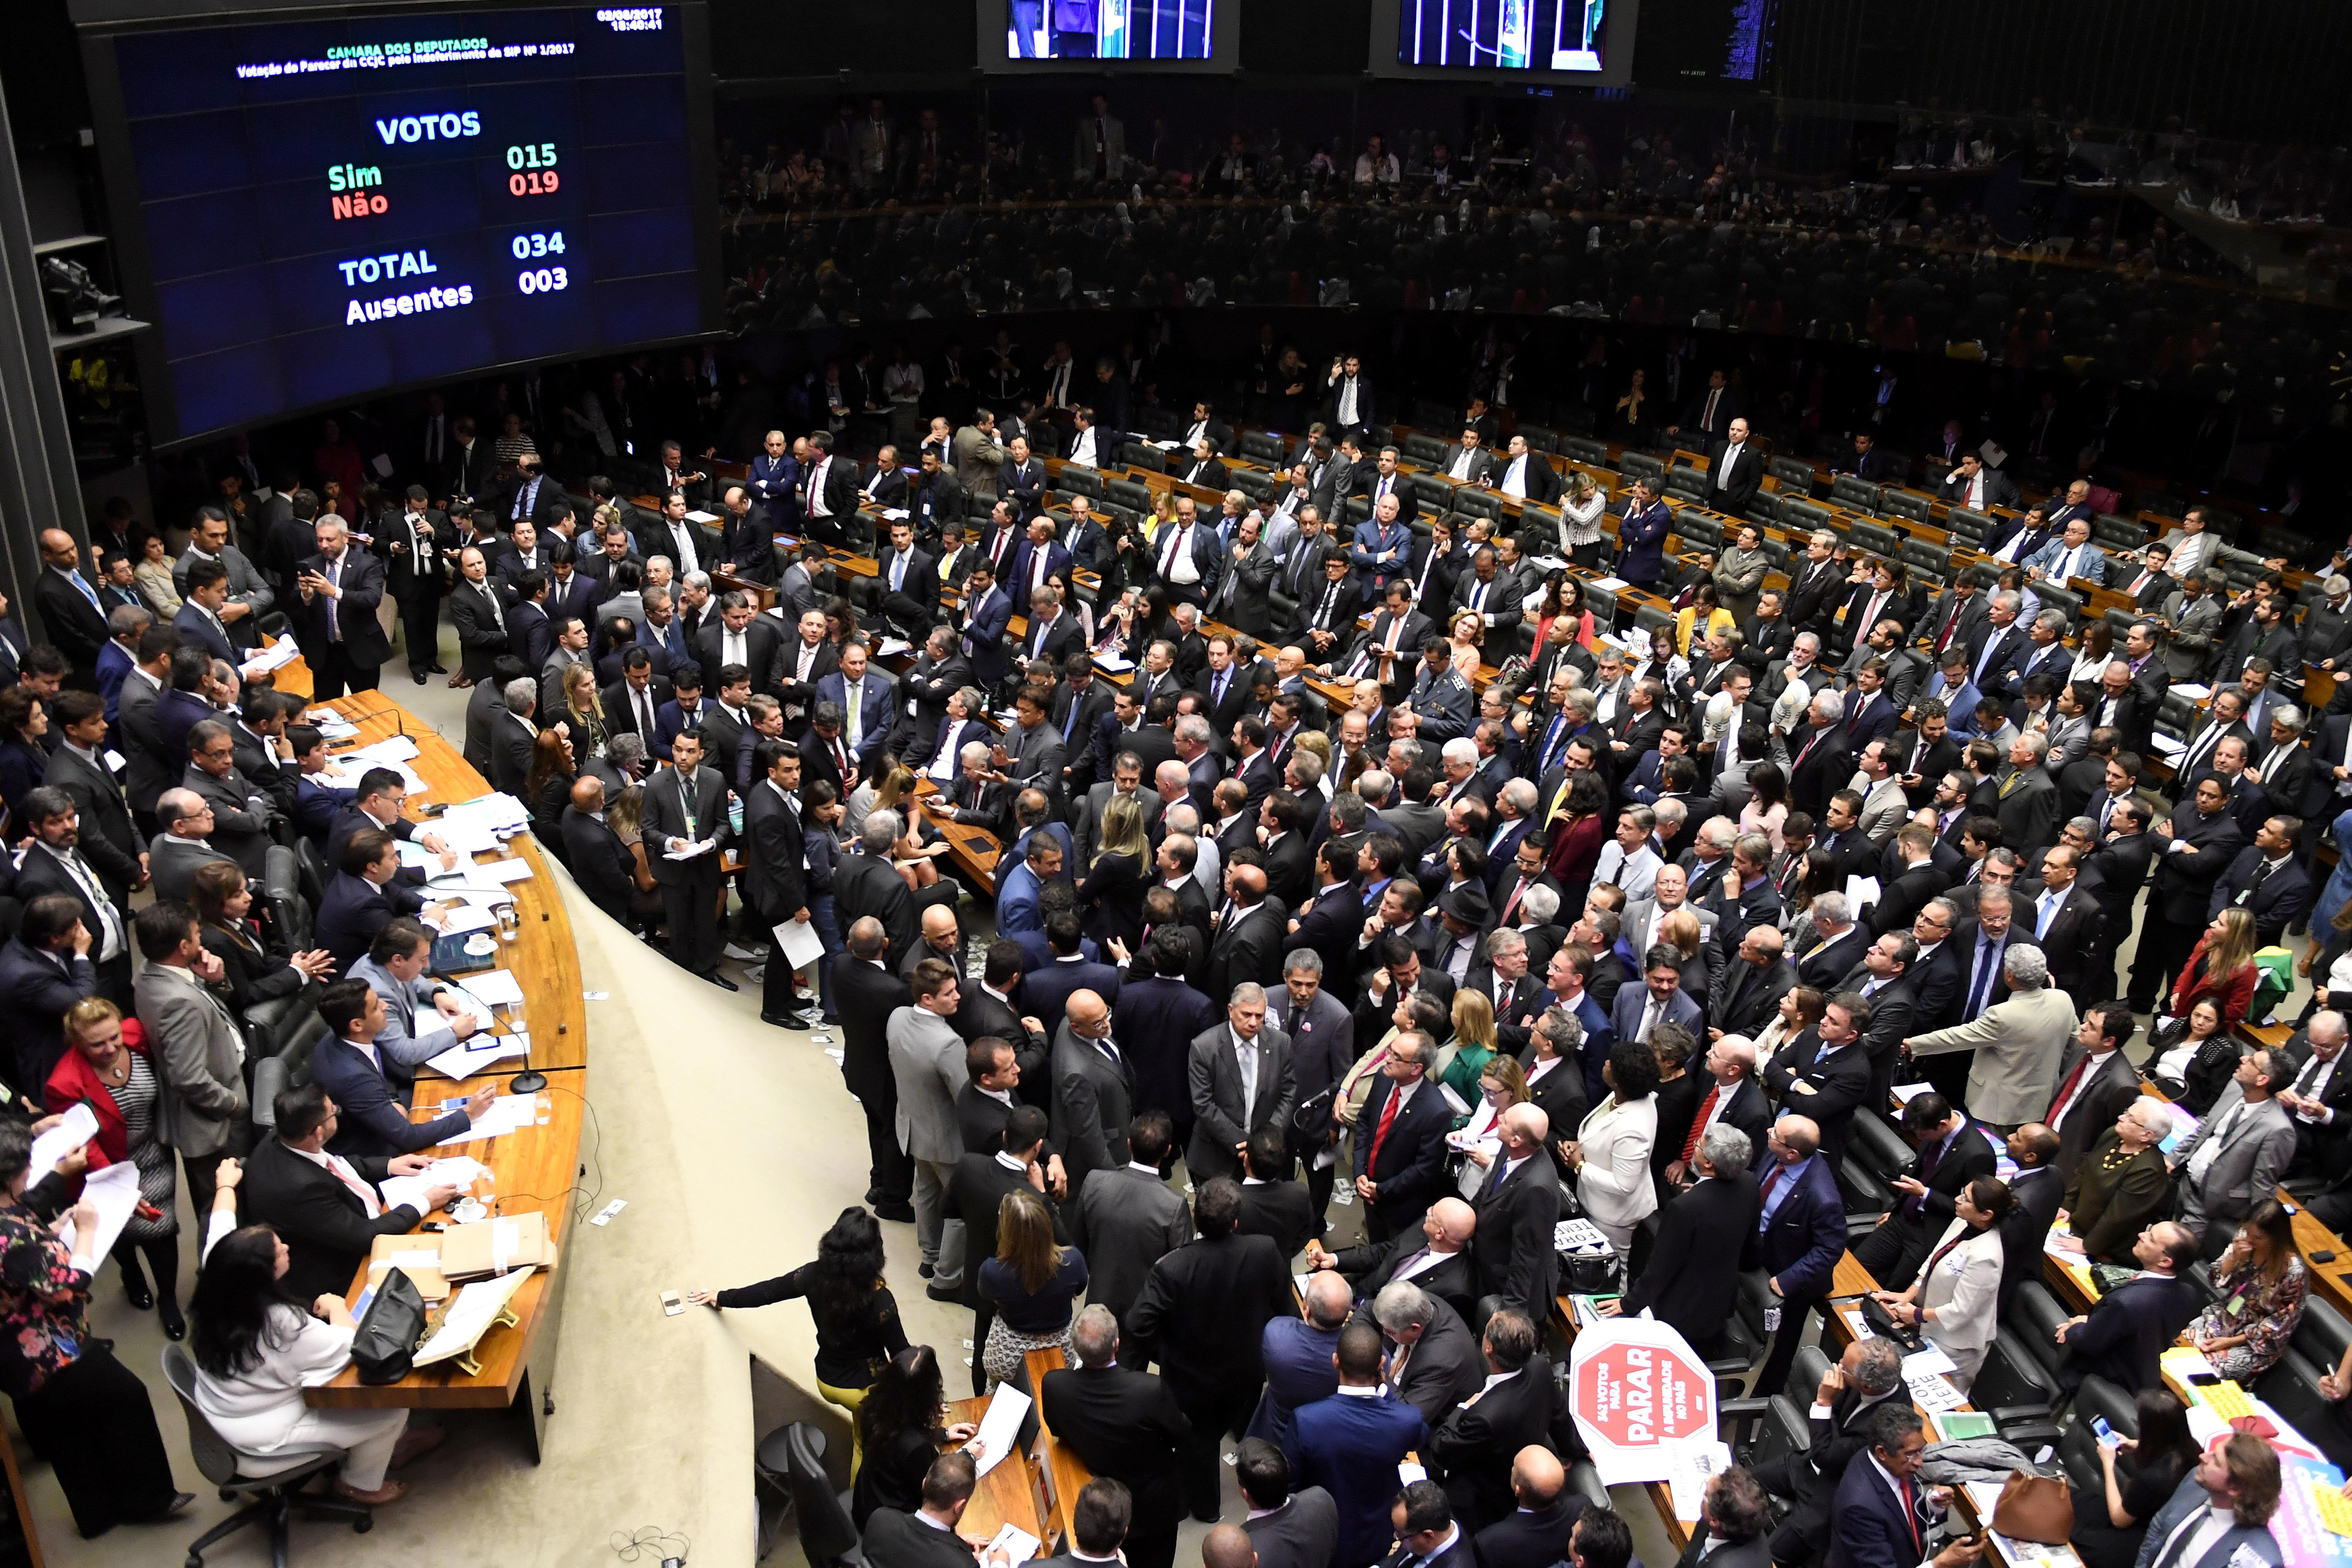 Βραζιλία: 30 χρόνια κάθειρξη στο Ζουζέ Ντιρσέου, το «δεξί χέρι» του πρώην προέδρου Λούλα